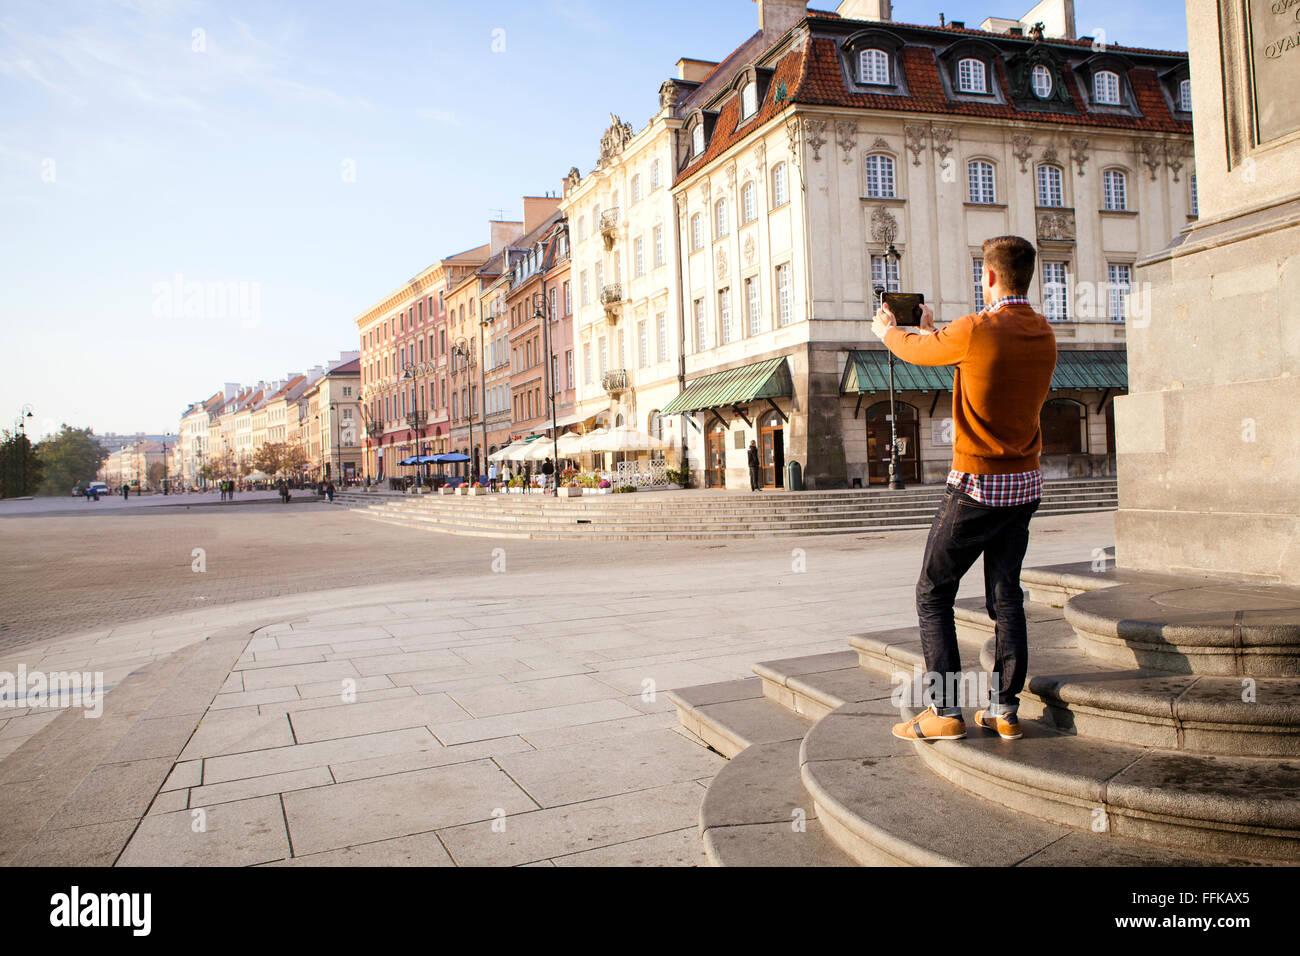 Mid adult man sur une escapade en ville, de prendre une photo Photo Stock